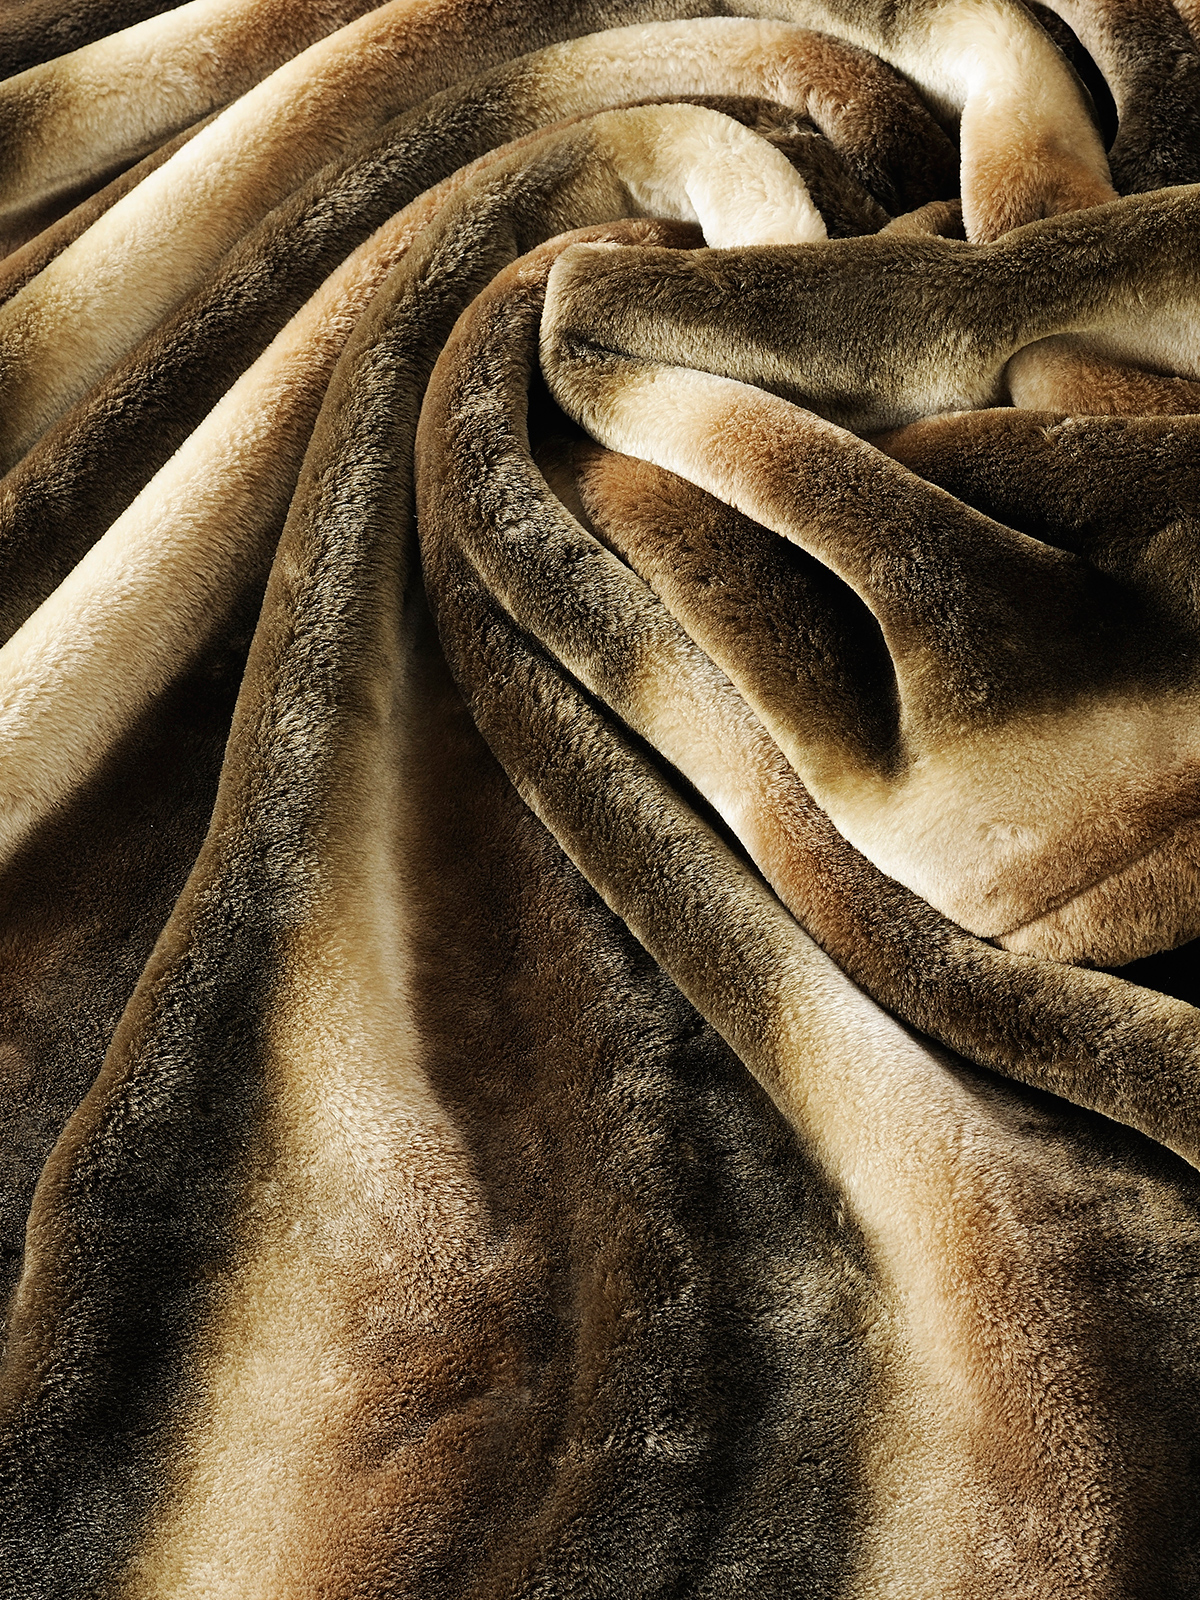 肌触りも格別。触れると、しっとりとしたなめらかさは、まるでビロードのよう。暖かさはもう当たり前、軽さとなめらかさも実現した「掛け毛布・敷き毛布」|CALDONIDO NOTTE(カルドニード ノッテ)